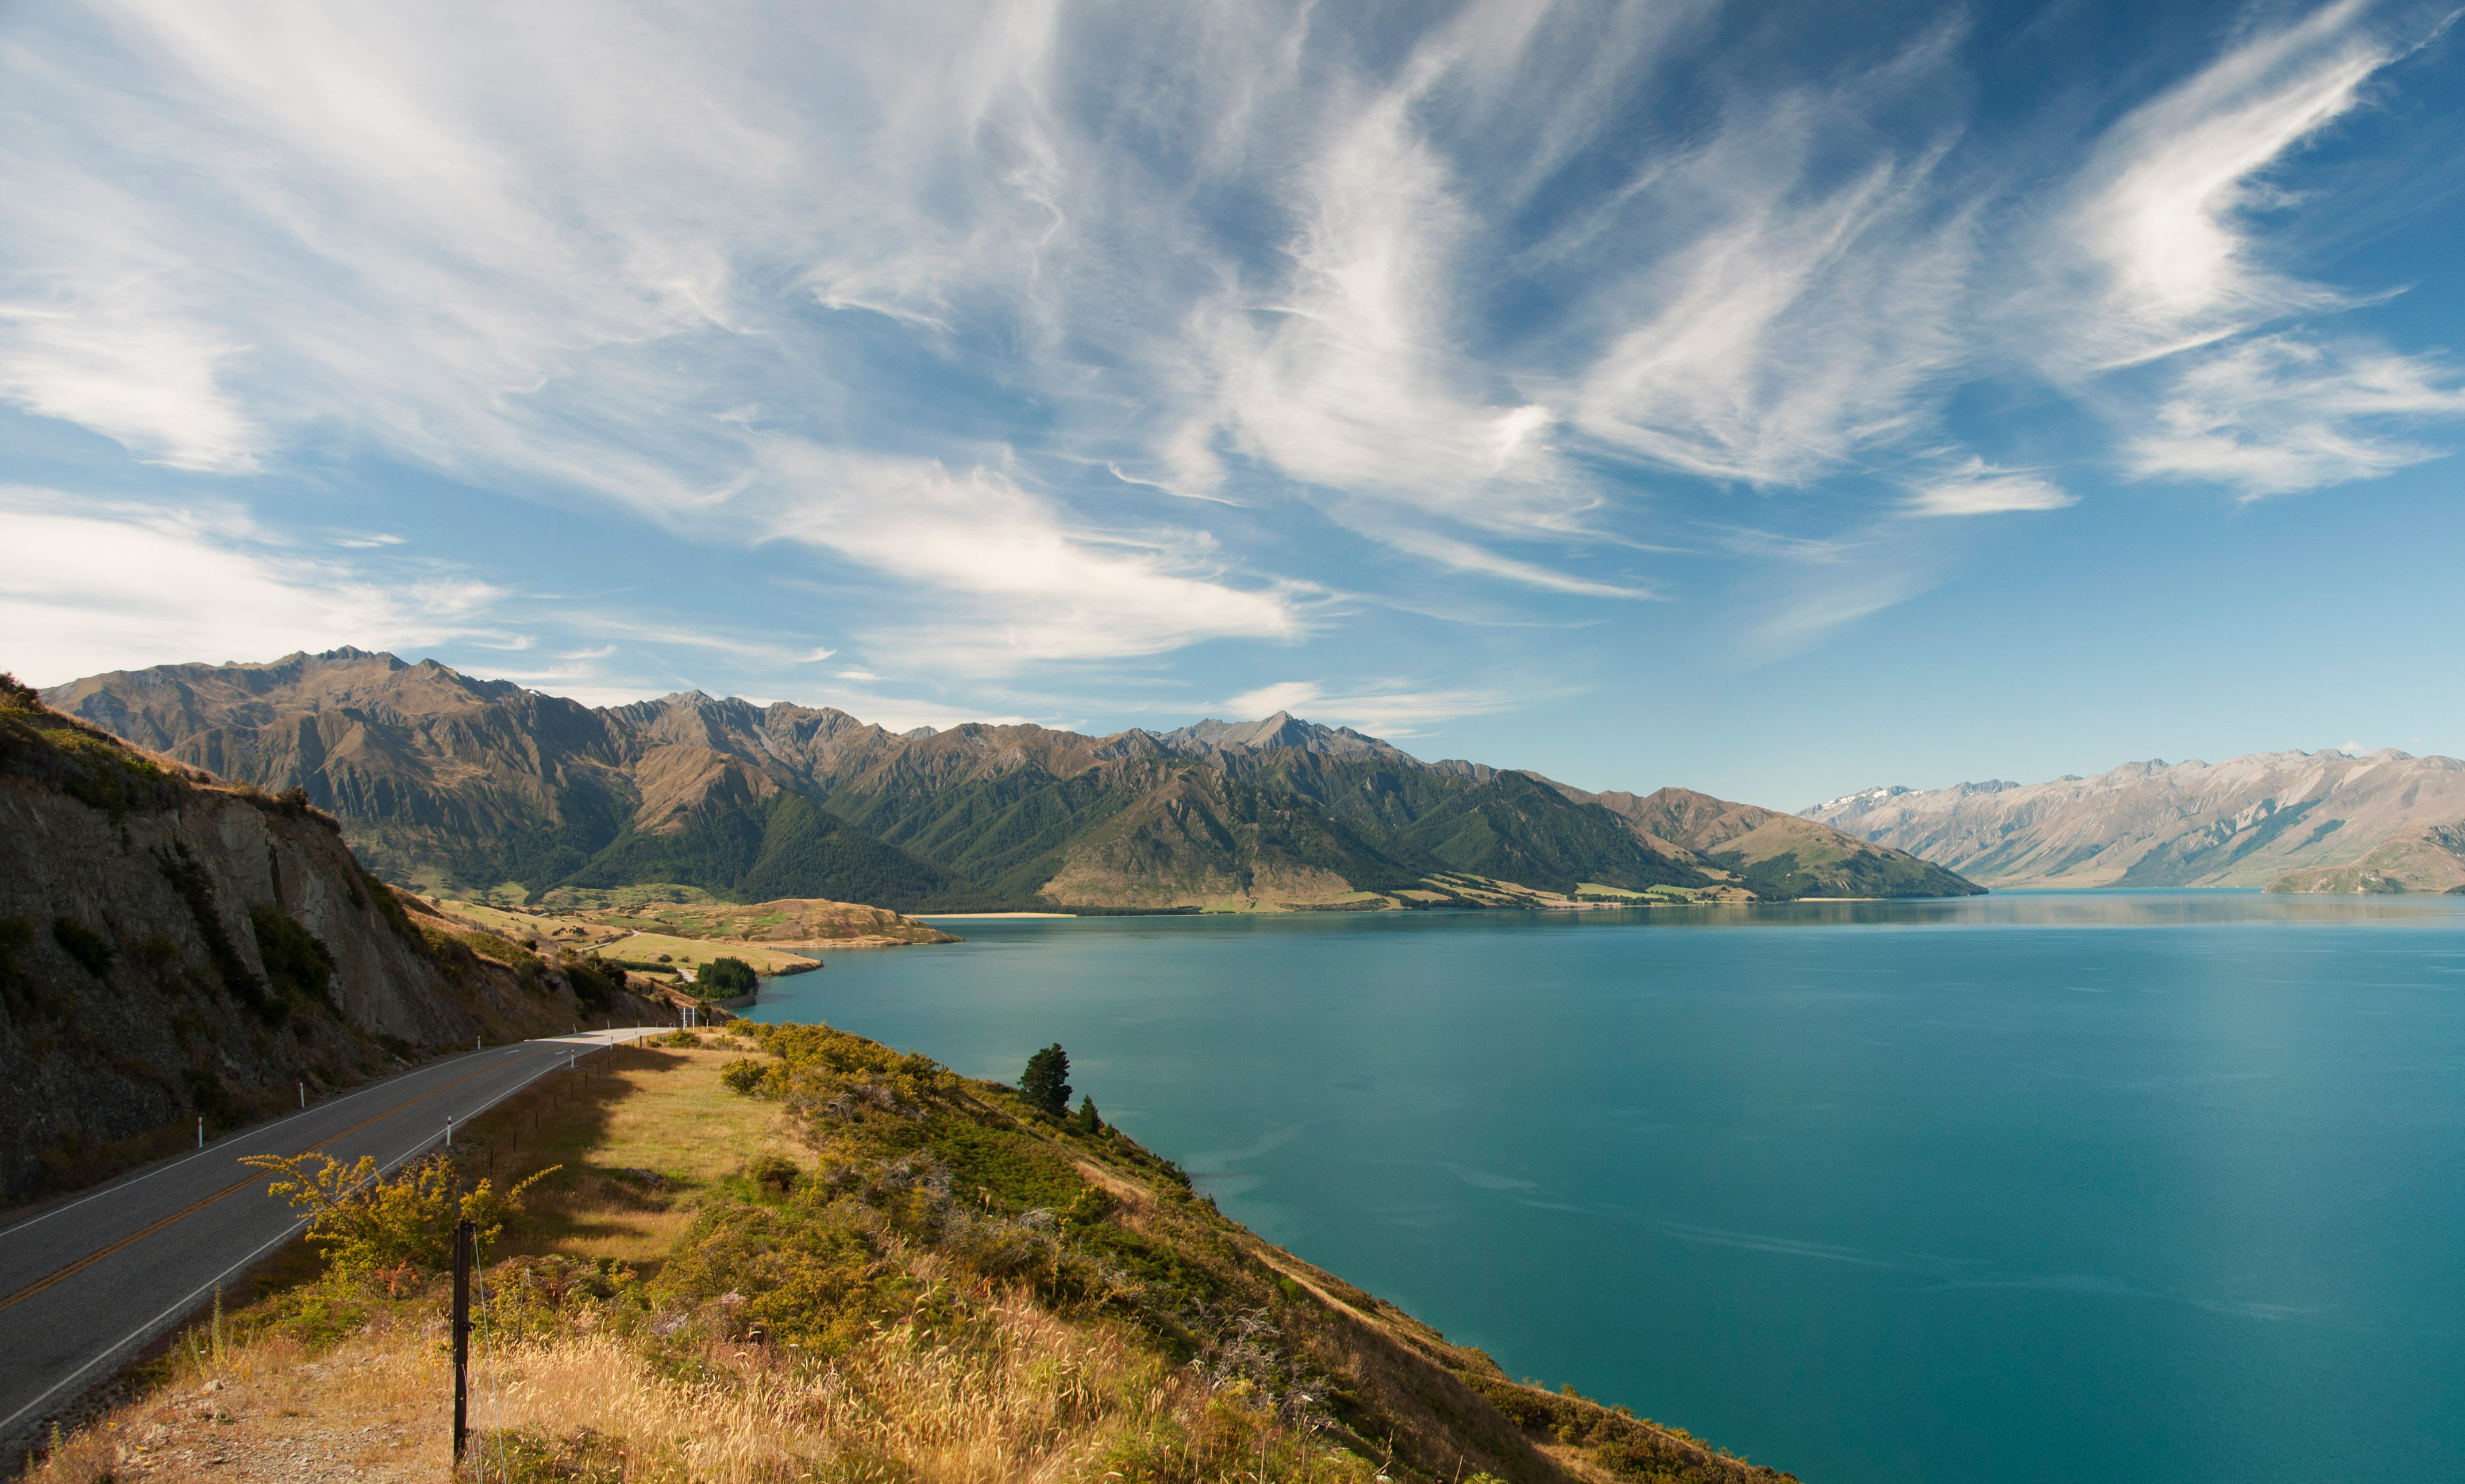 Lake-wakatipu_Panorama_HomeP